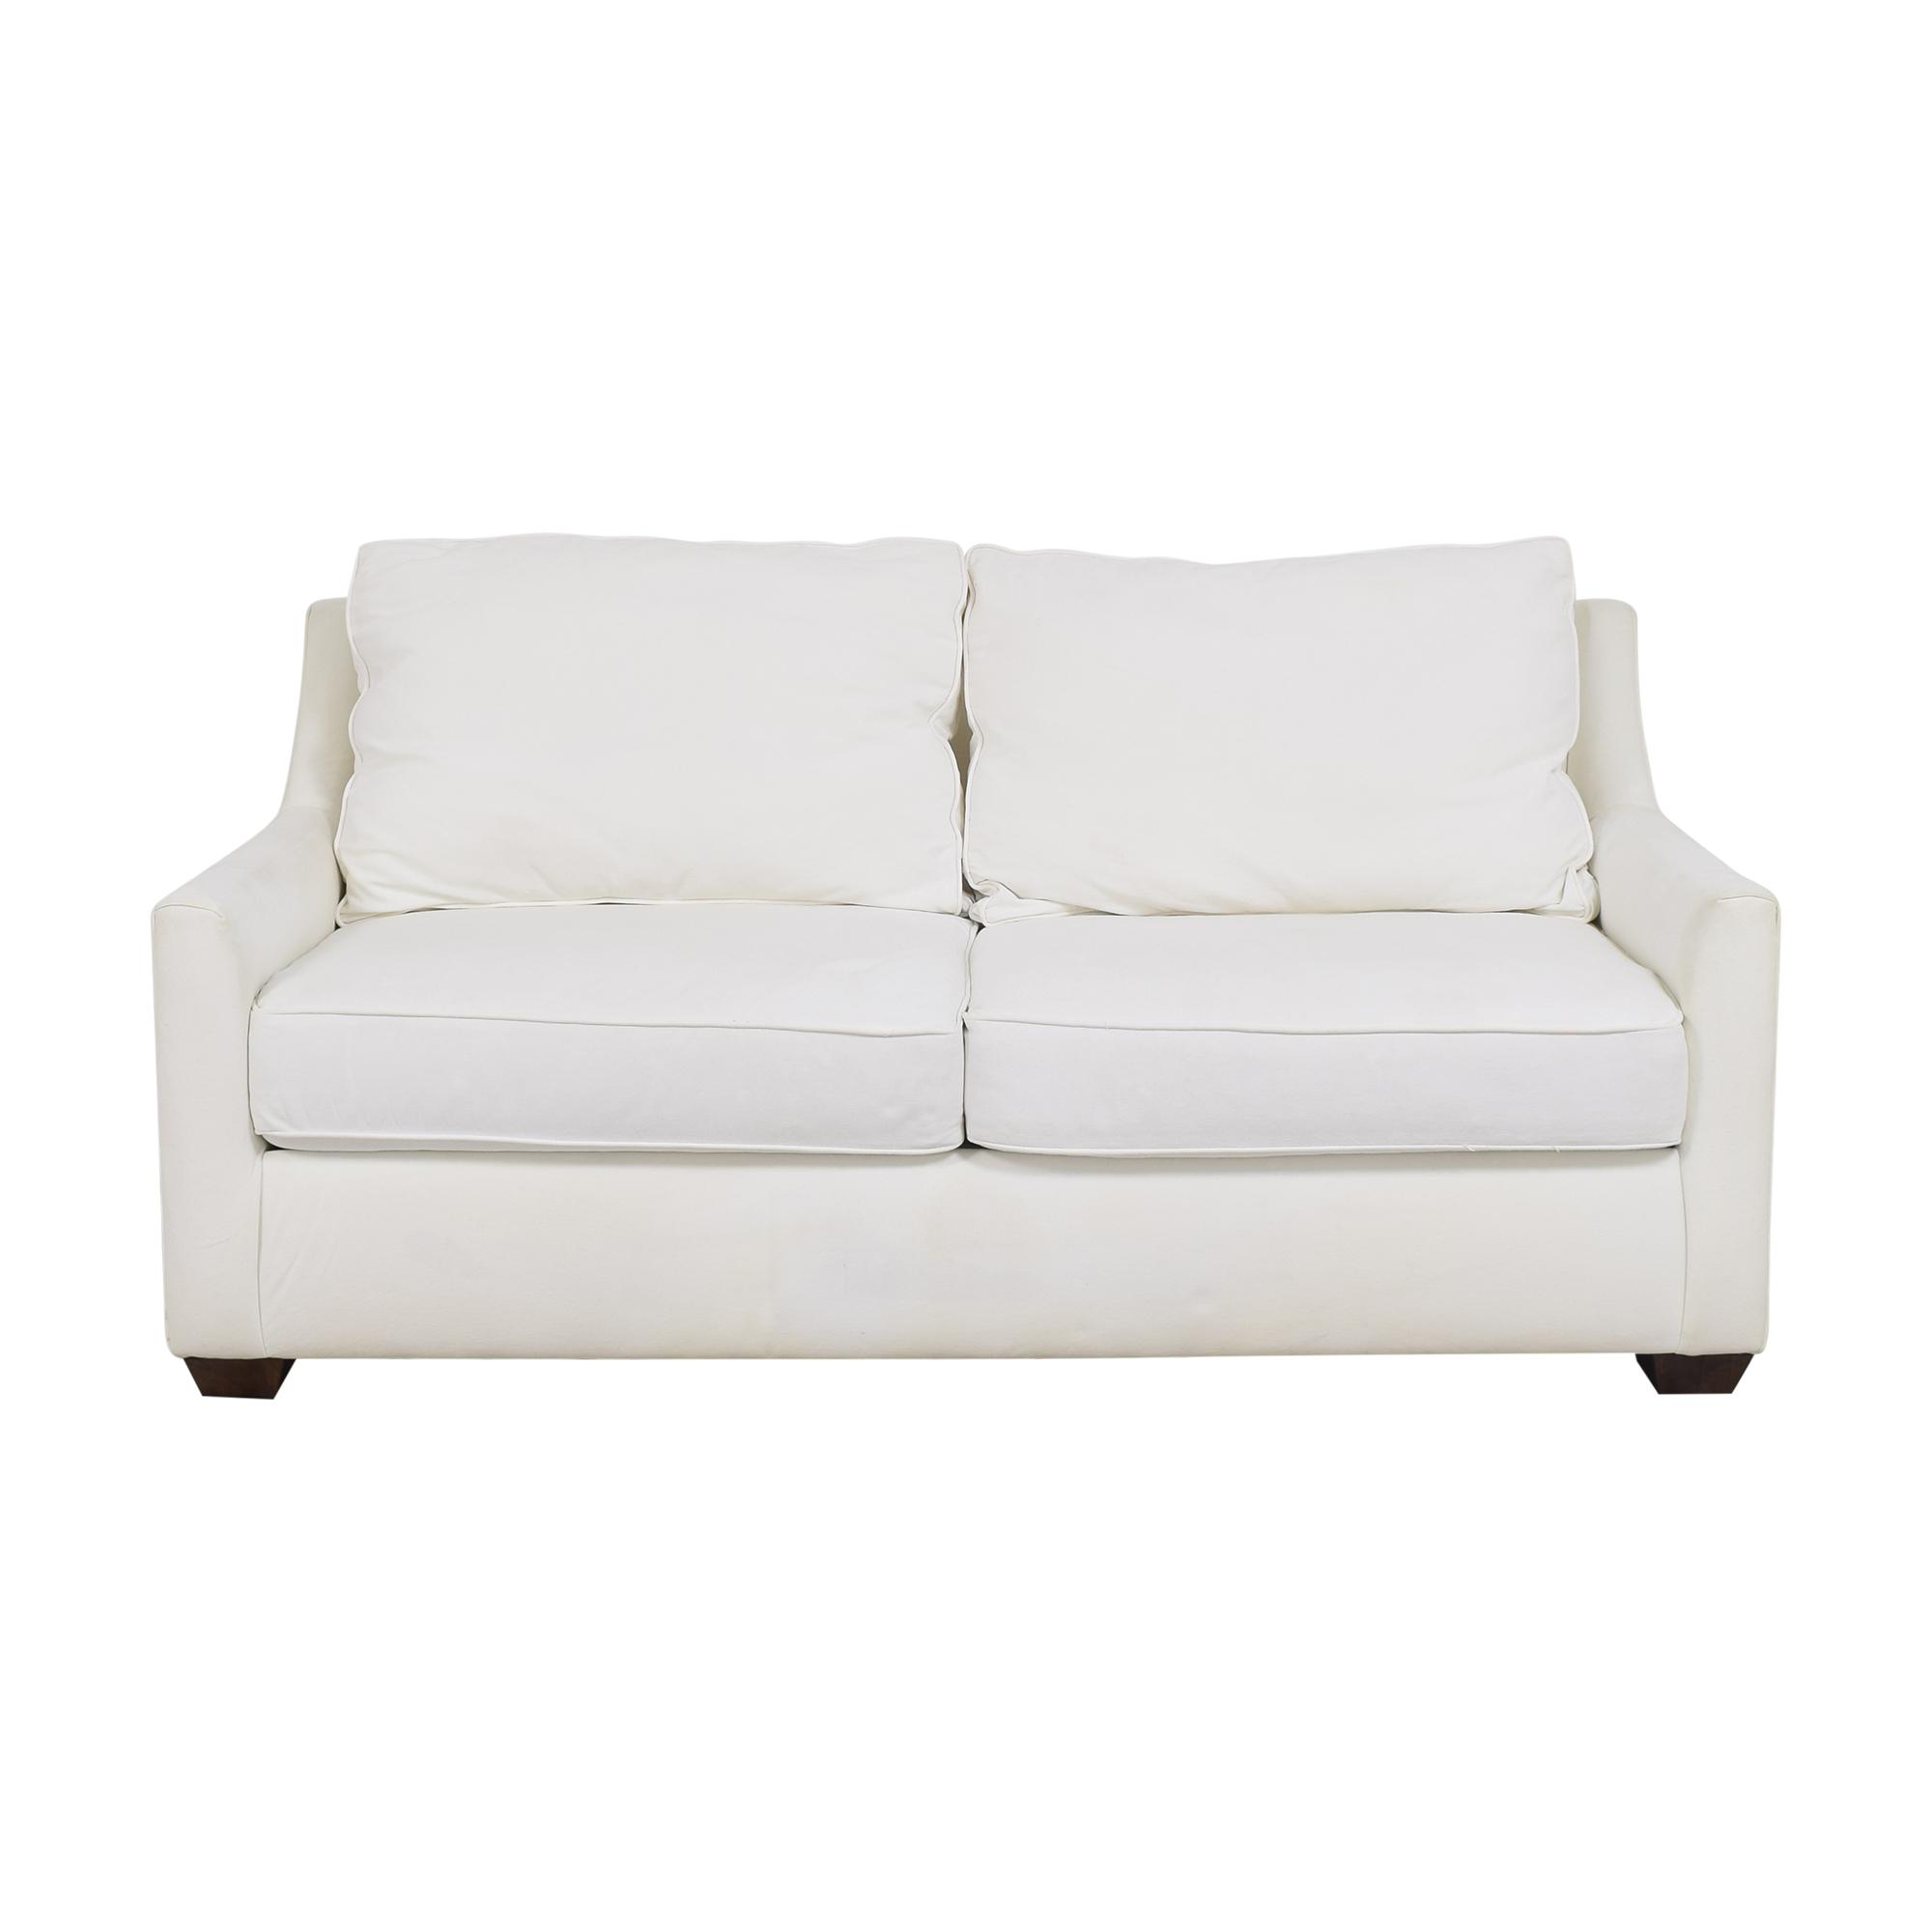 KFI KFI Two Cushion Sofa Sofas